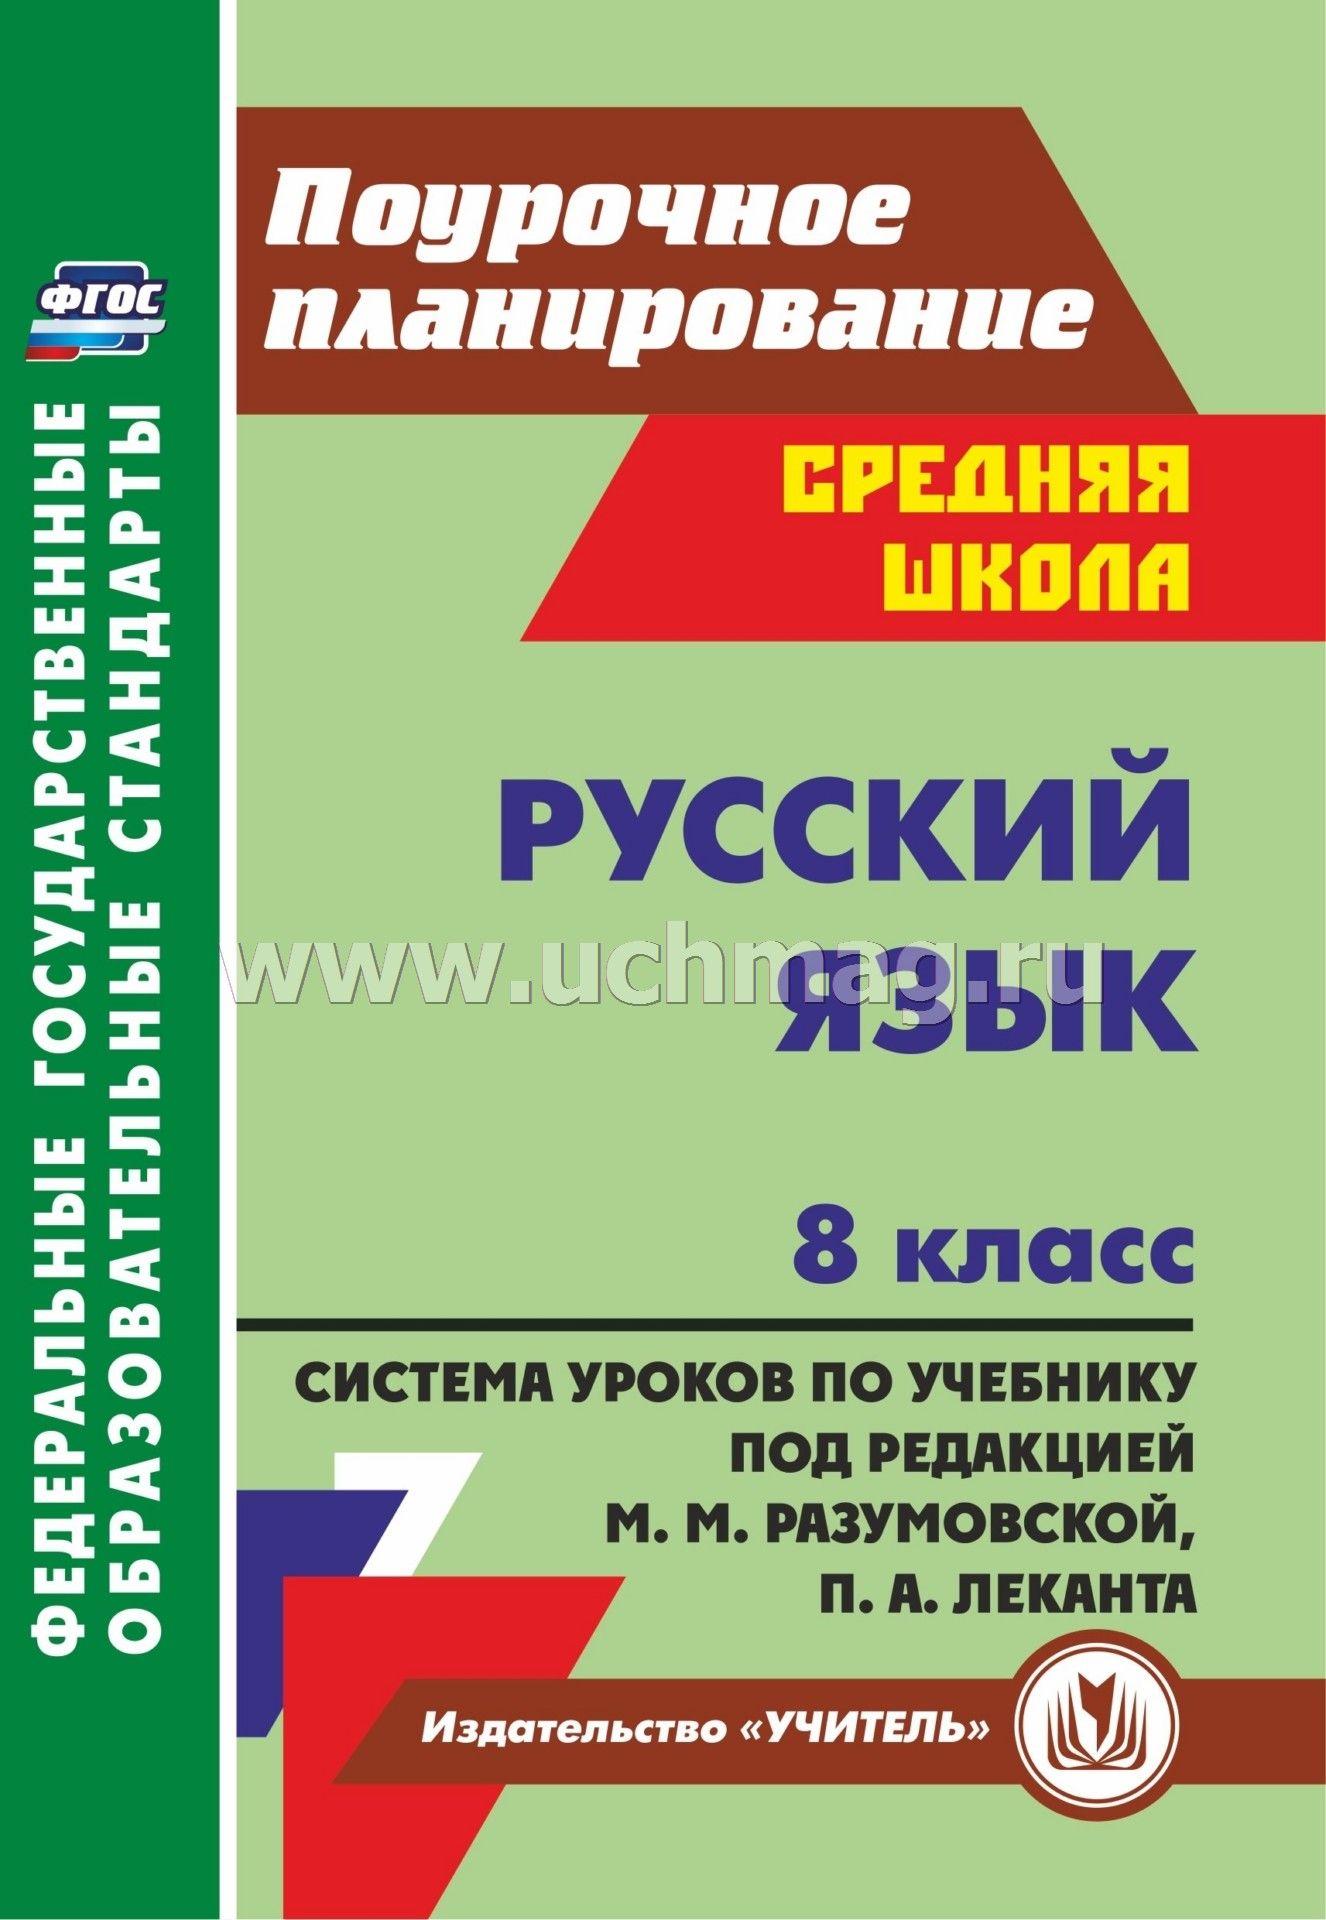 Фгос конспект урока по русскому языку в 5 классе по разумоаской соната-про